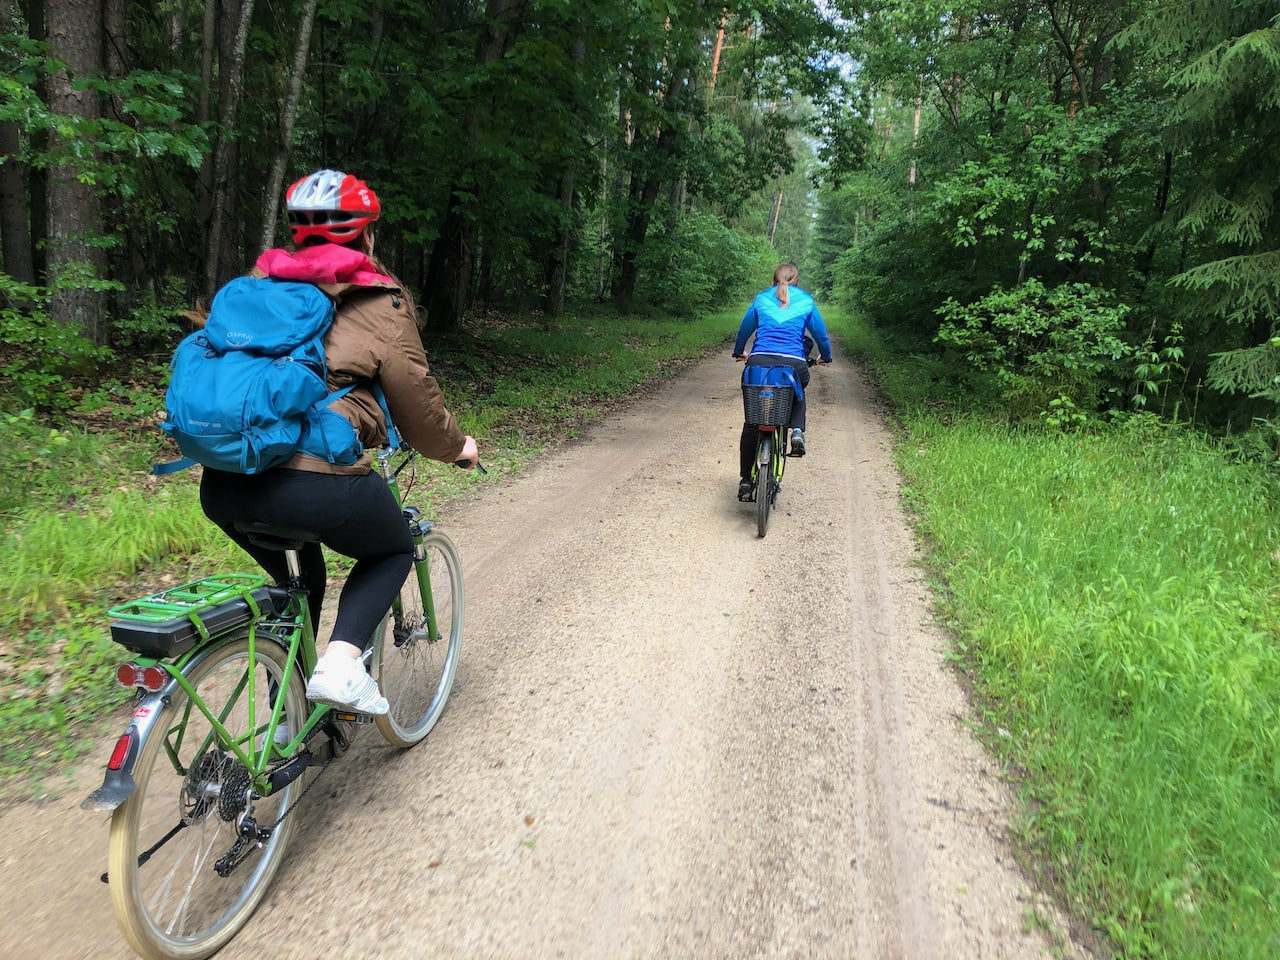 Twee vrouwelijke fietsers op een bospad dat tot deel uitmaakt van de Frankische Waterfietsroute